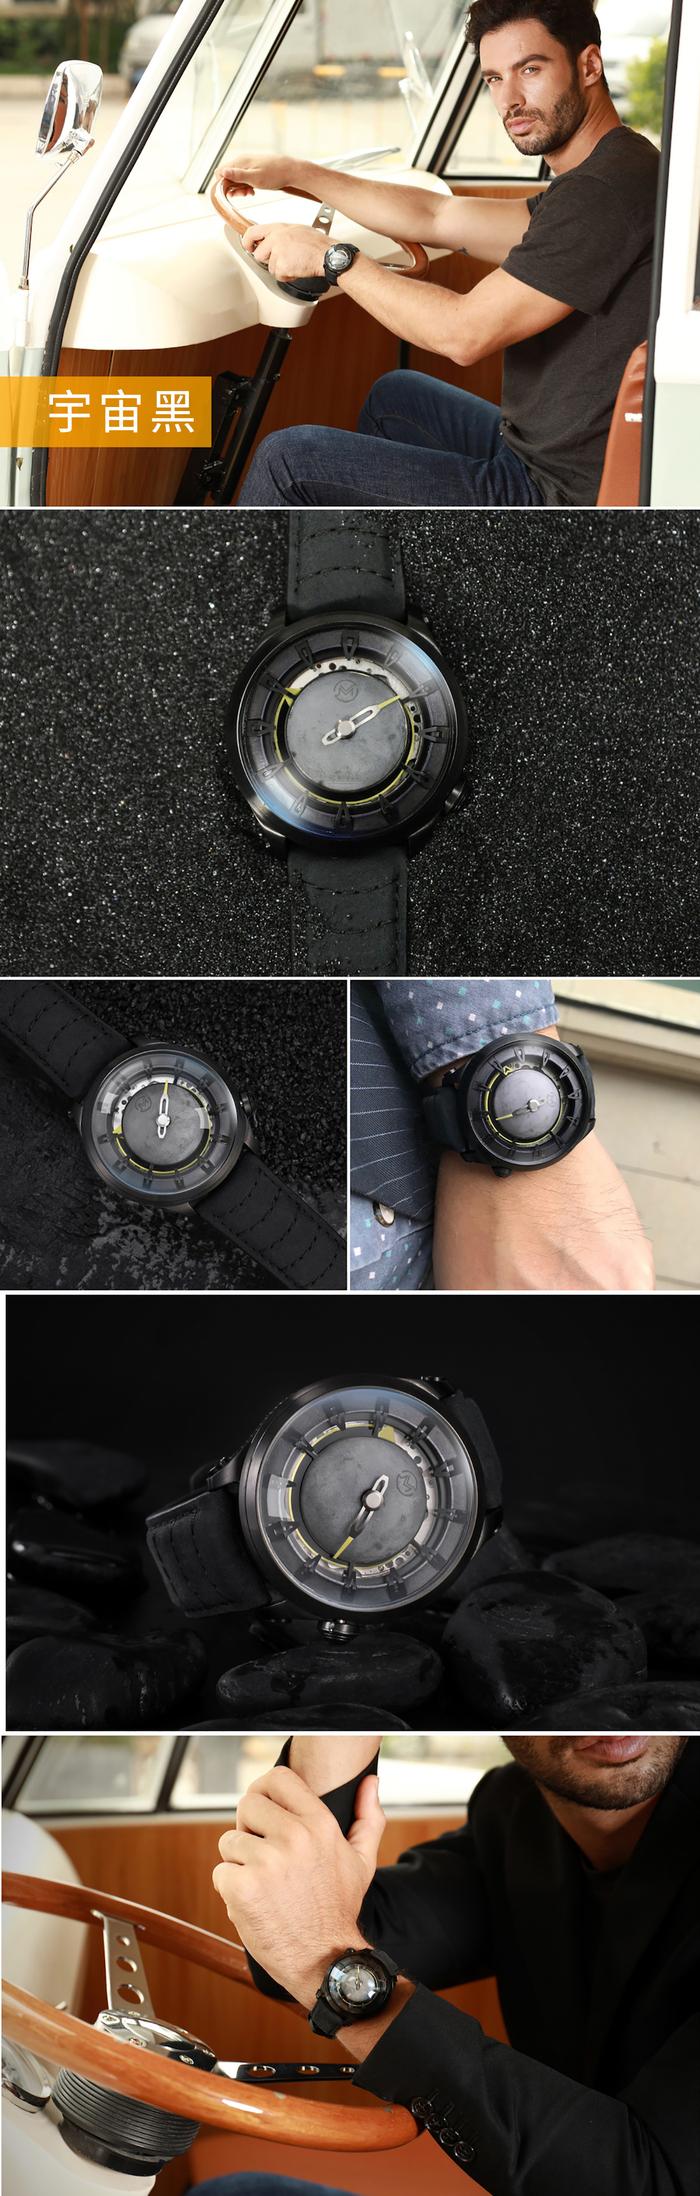 OVD|火星任務星球機械錶(四款任選)